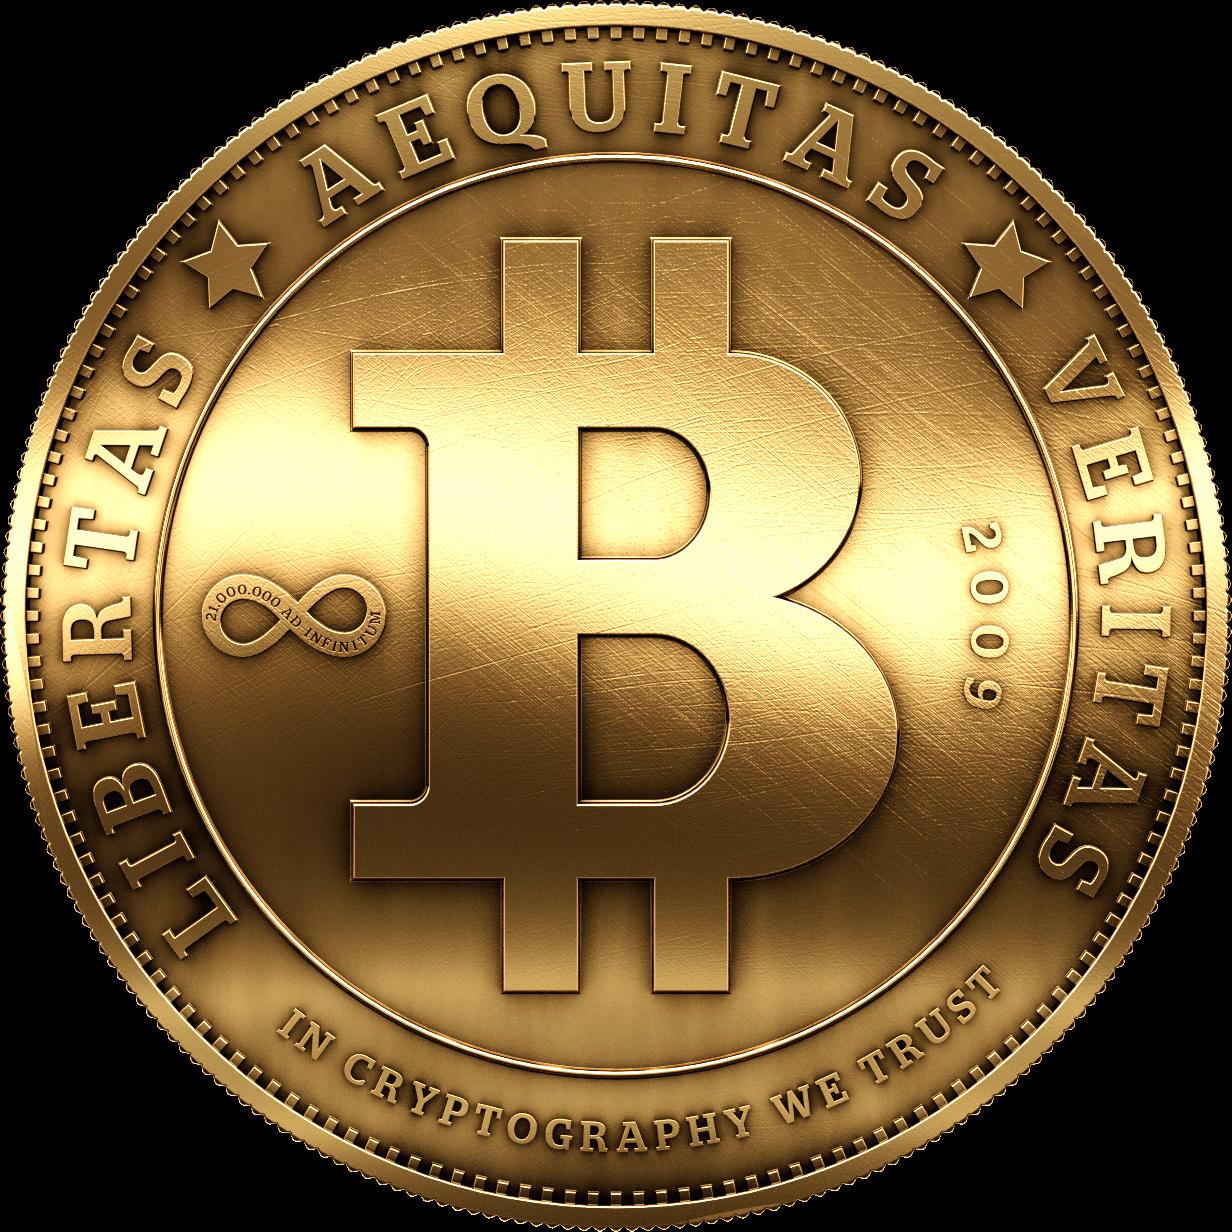 Bitcoin expert Evander Smart